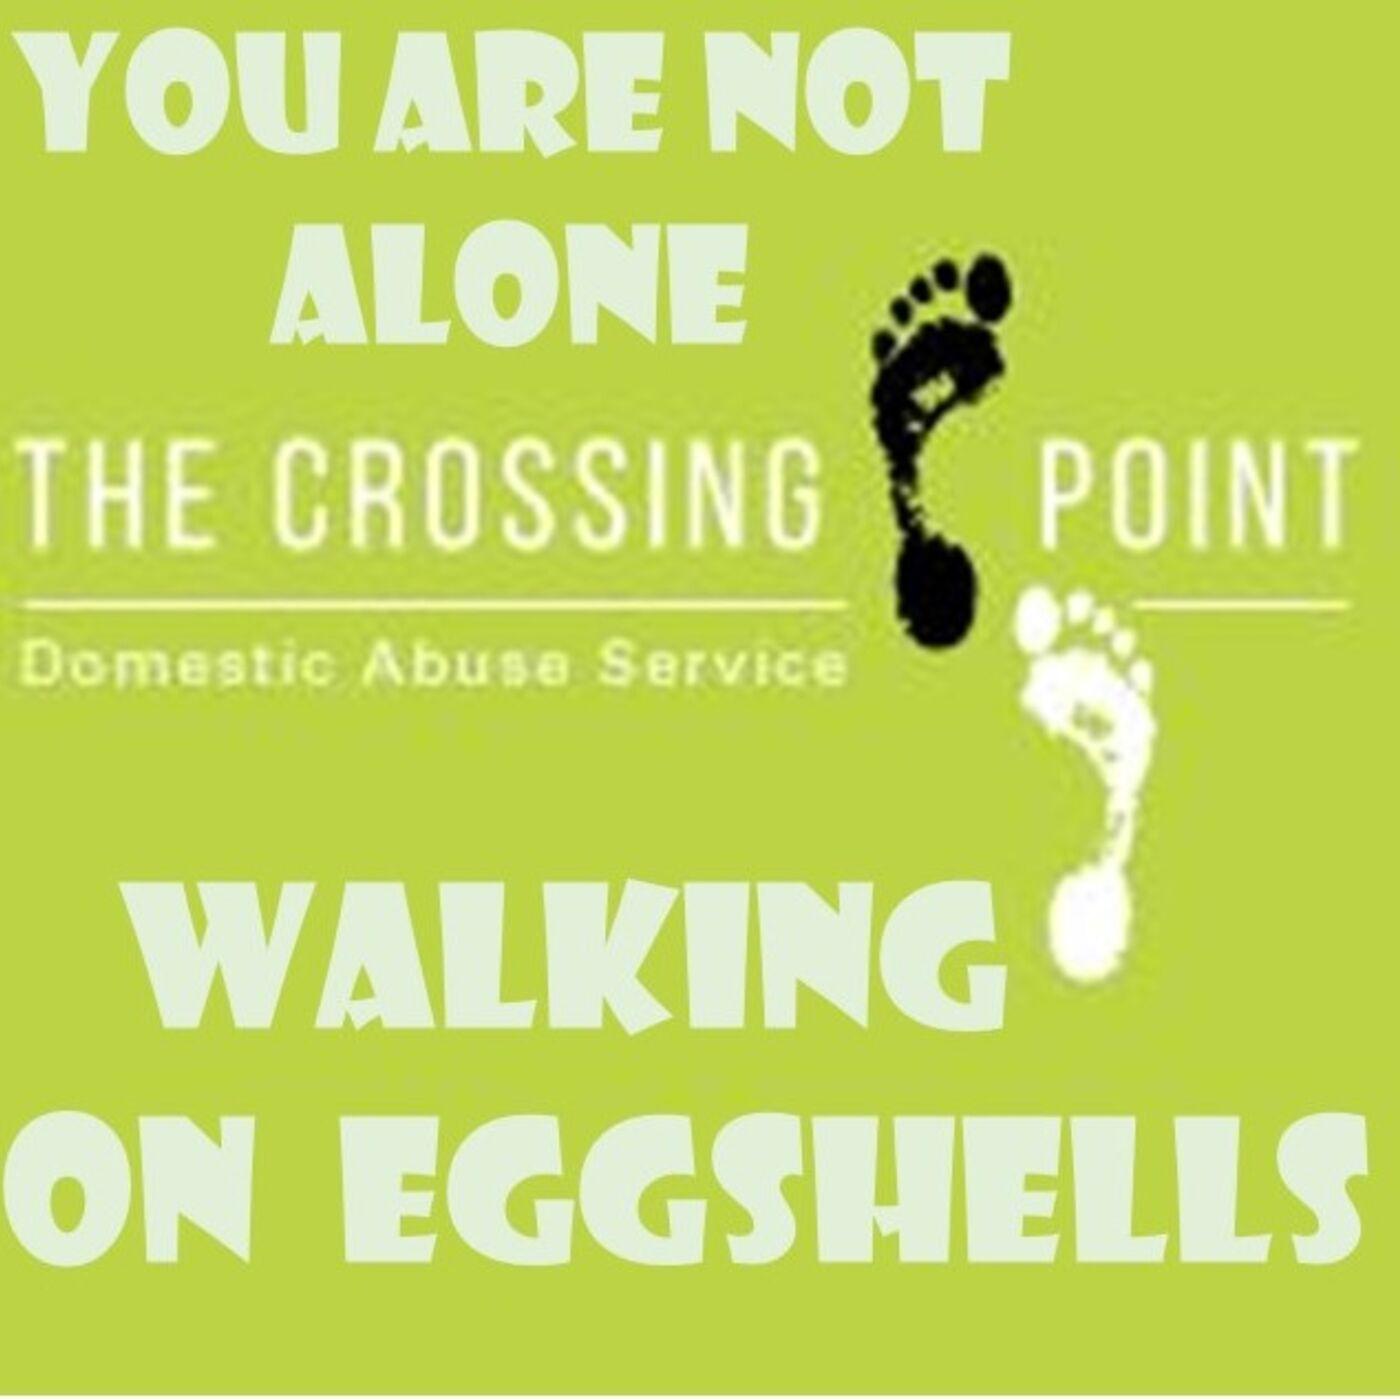 Crossing Point - 27 walking on eggshells (fear), July 2020